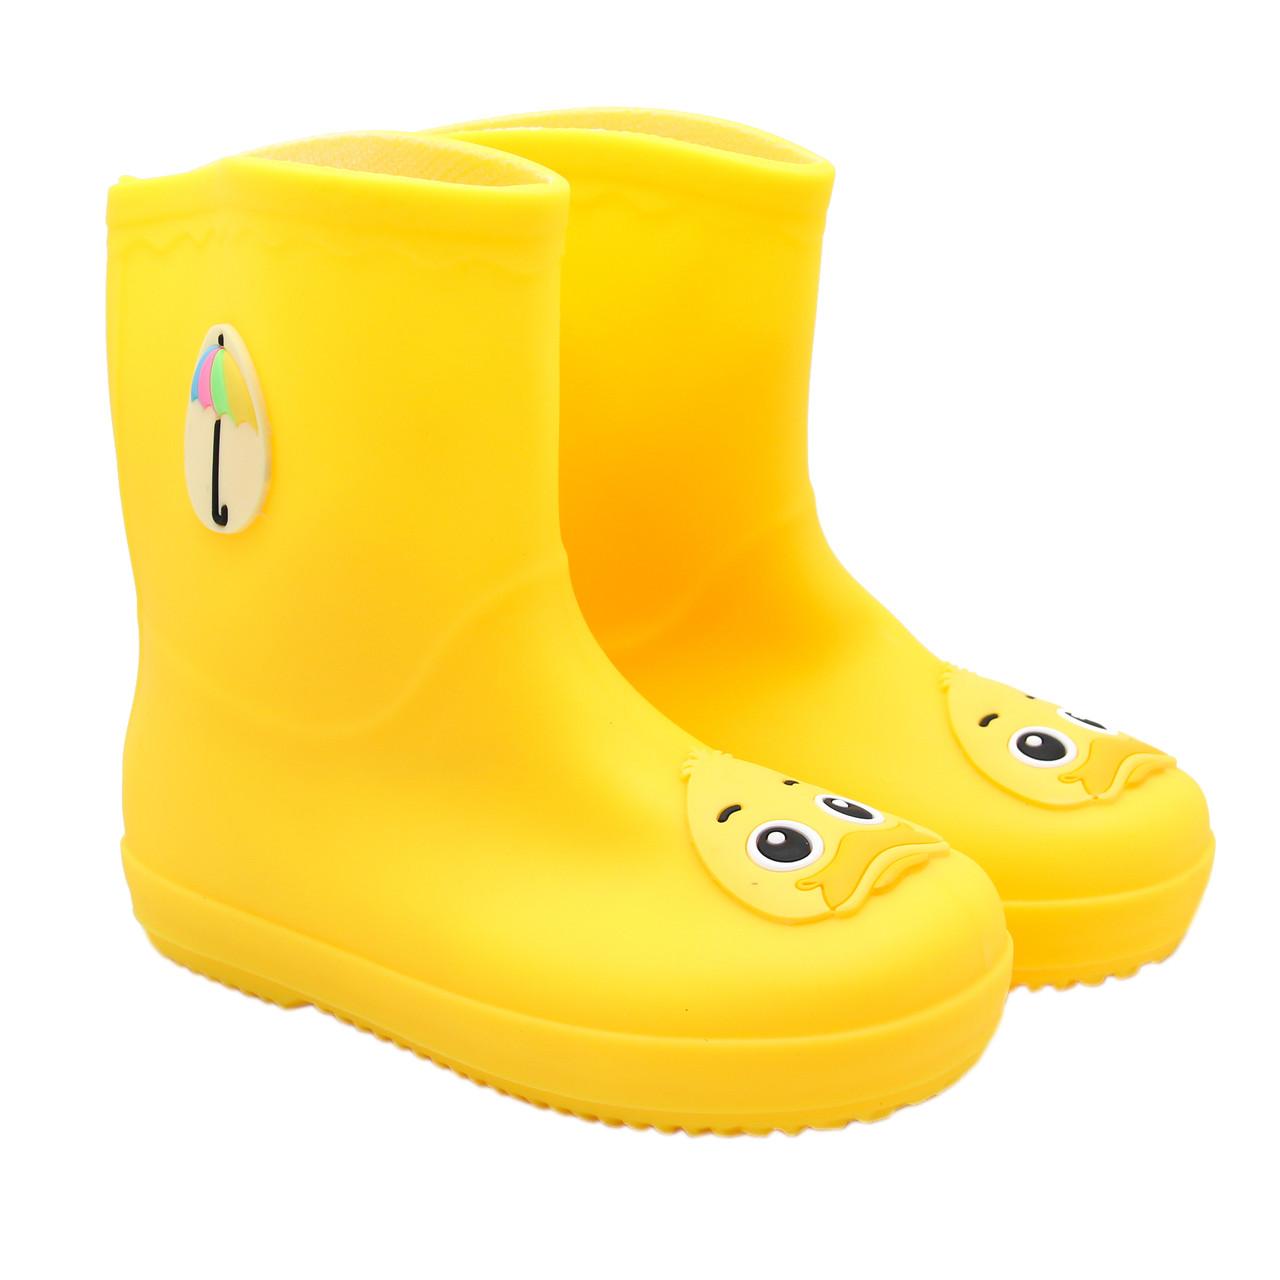 Детские резиновые сапоги, желтые, размер 24 (15 см) (513689-1)